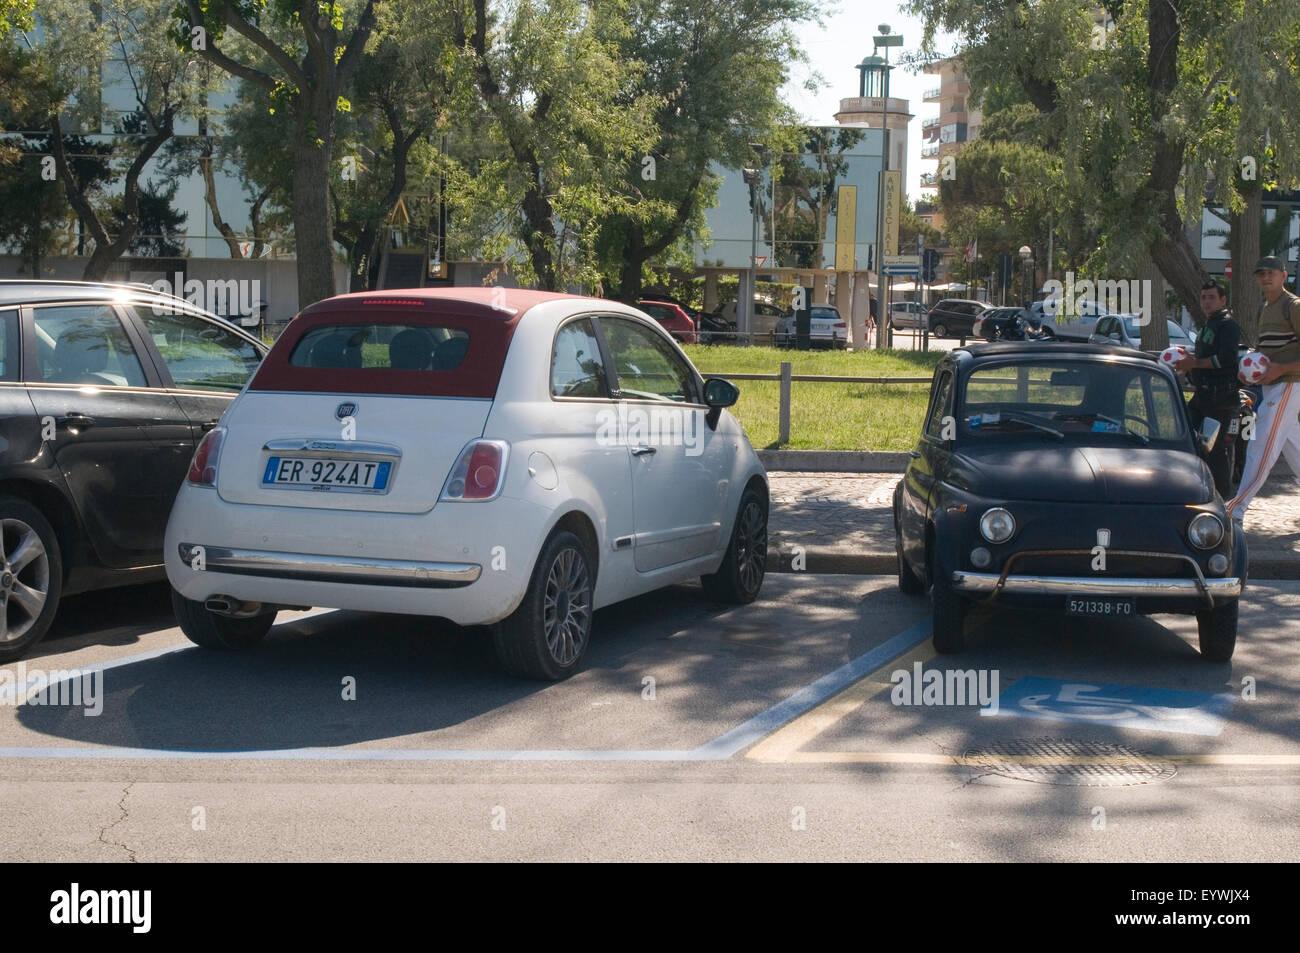 Fiat 500 vecchio nuovo formato classico e moderno confronto enorme big bigger auto automobili getting piccola piccola Immagini Stock